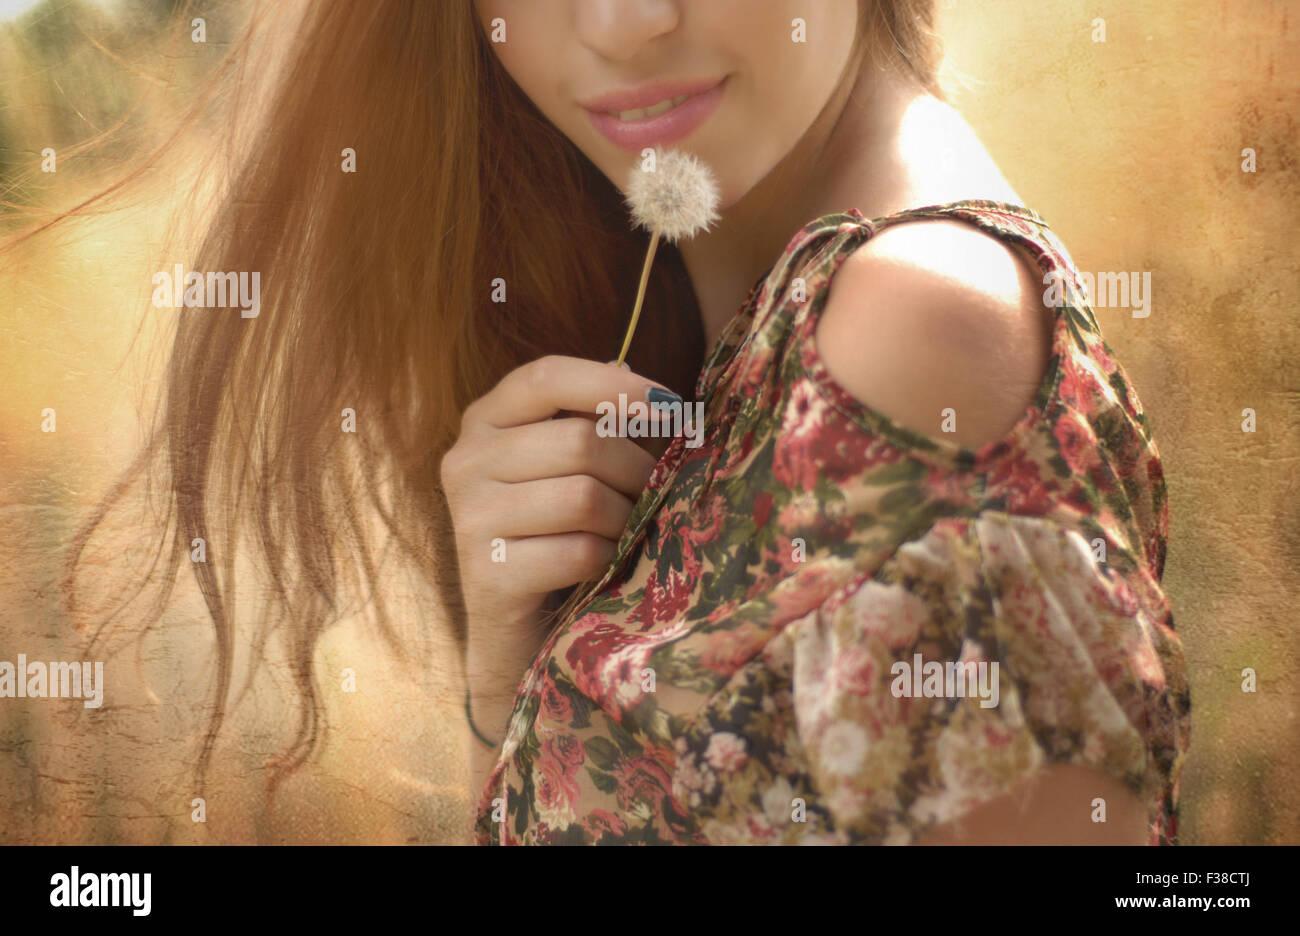 La mitad de cara de mujer rose labios jaramago cabello rubio Foto de stock